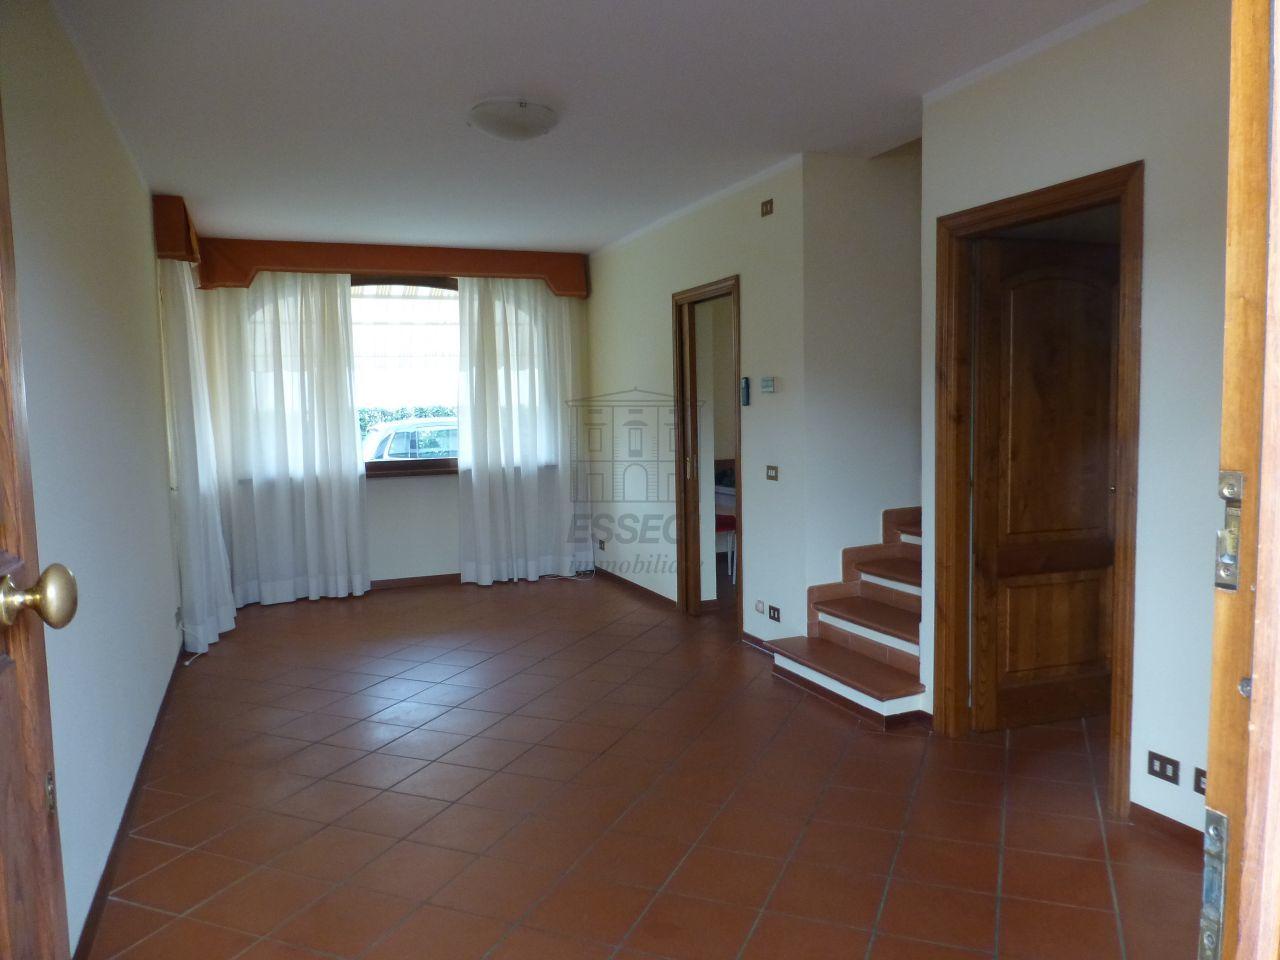 Soluzione Indipendente in affitto a Capannori, 6 locali, prezzo € 750 | CambioCasa.it